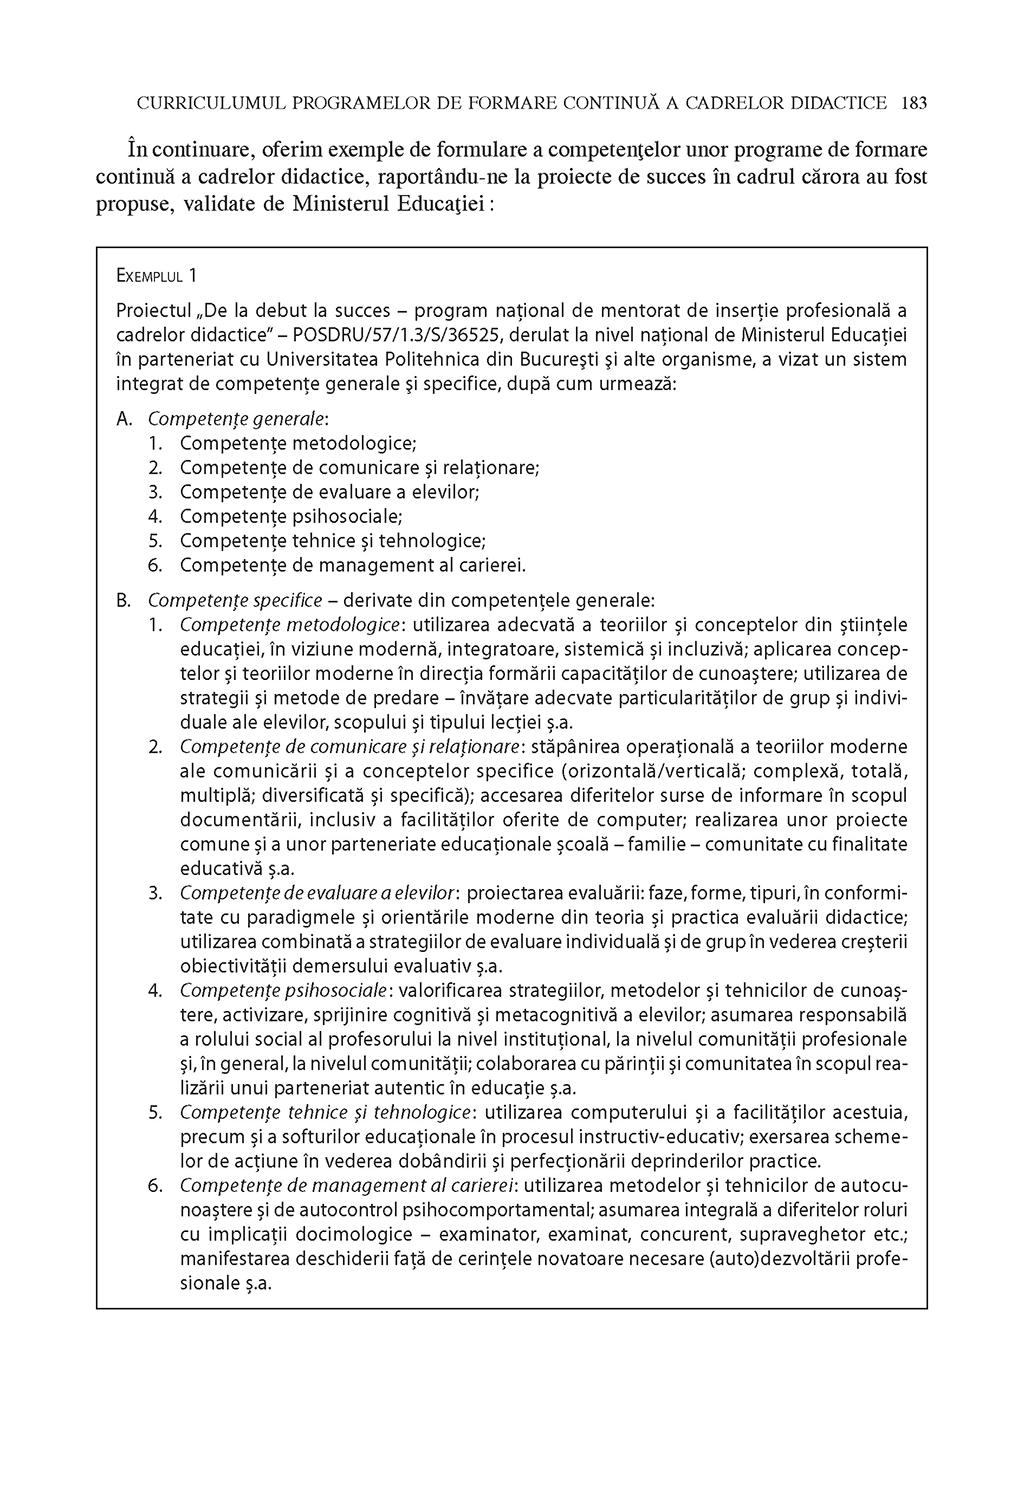 Formarea profesionala - ce este, cum este reglementata, obiective si beneficii pentru angajati